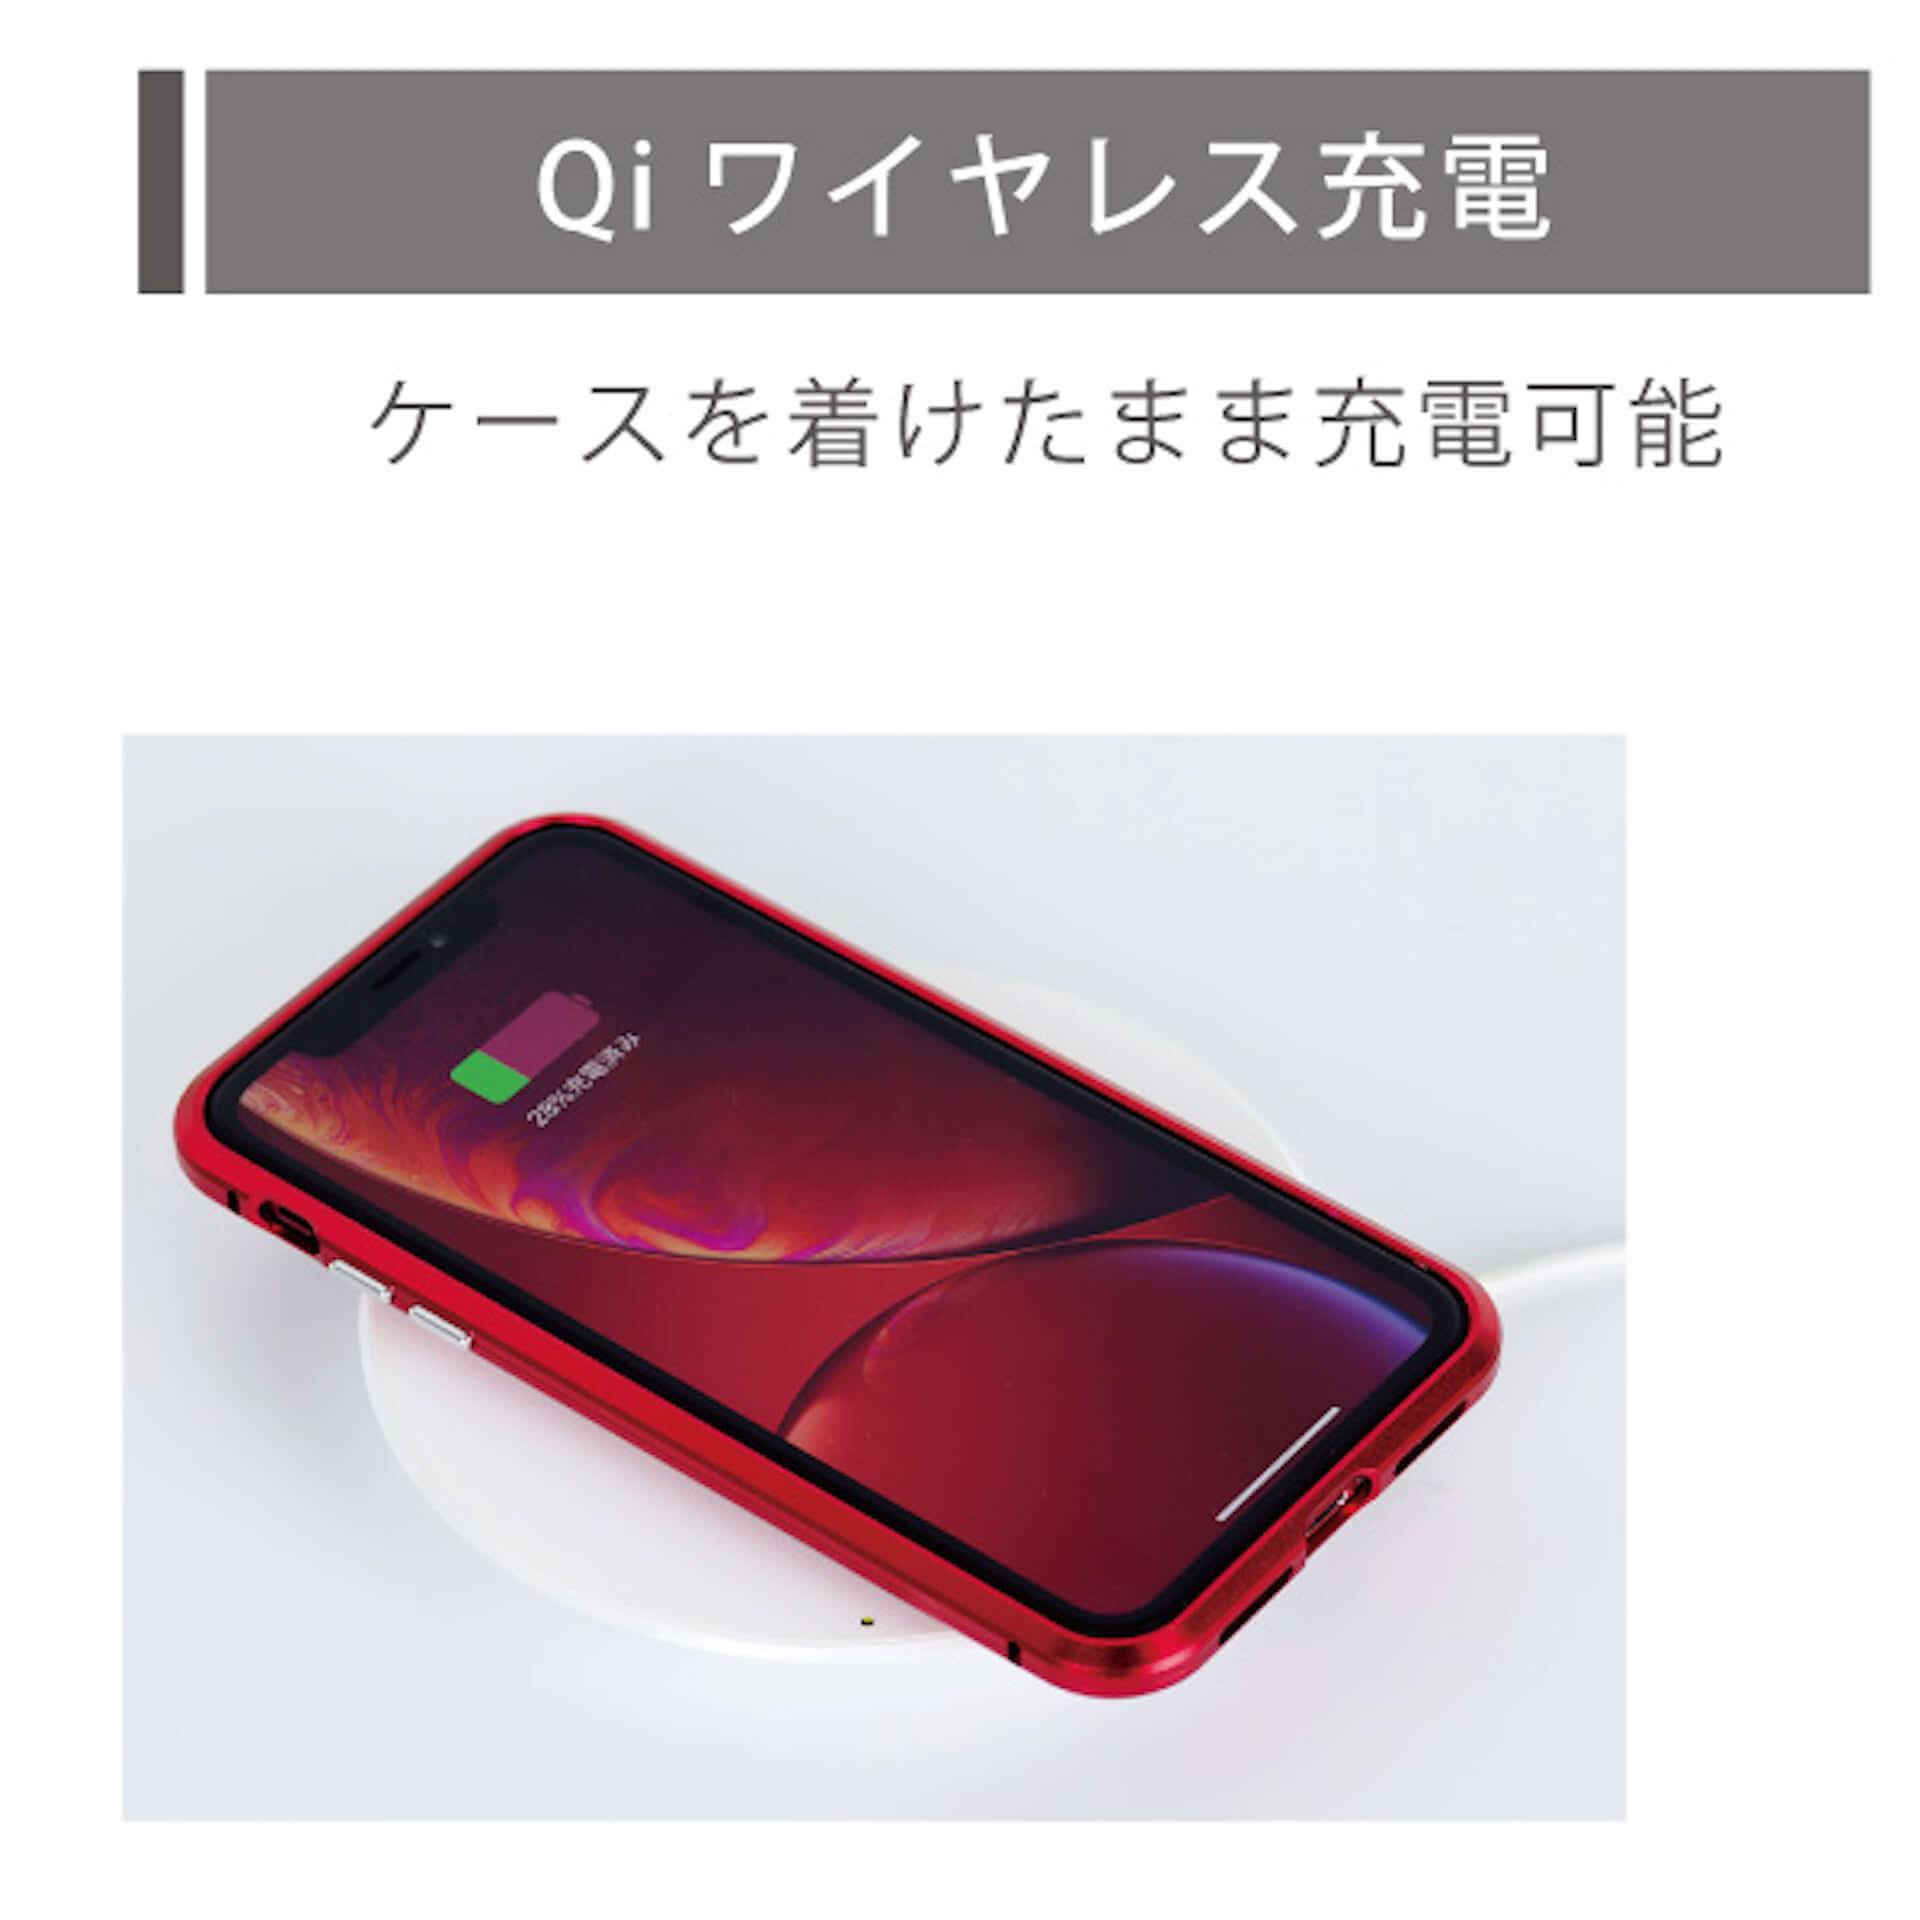 ハンマーでも割れないiPhoneケースが登場|頑強かつ軽量な「MAGNETIC ALUMINUM BUMPER CASE」発売 technology190731magnetic-iphonecase_8-1920x1920